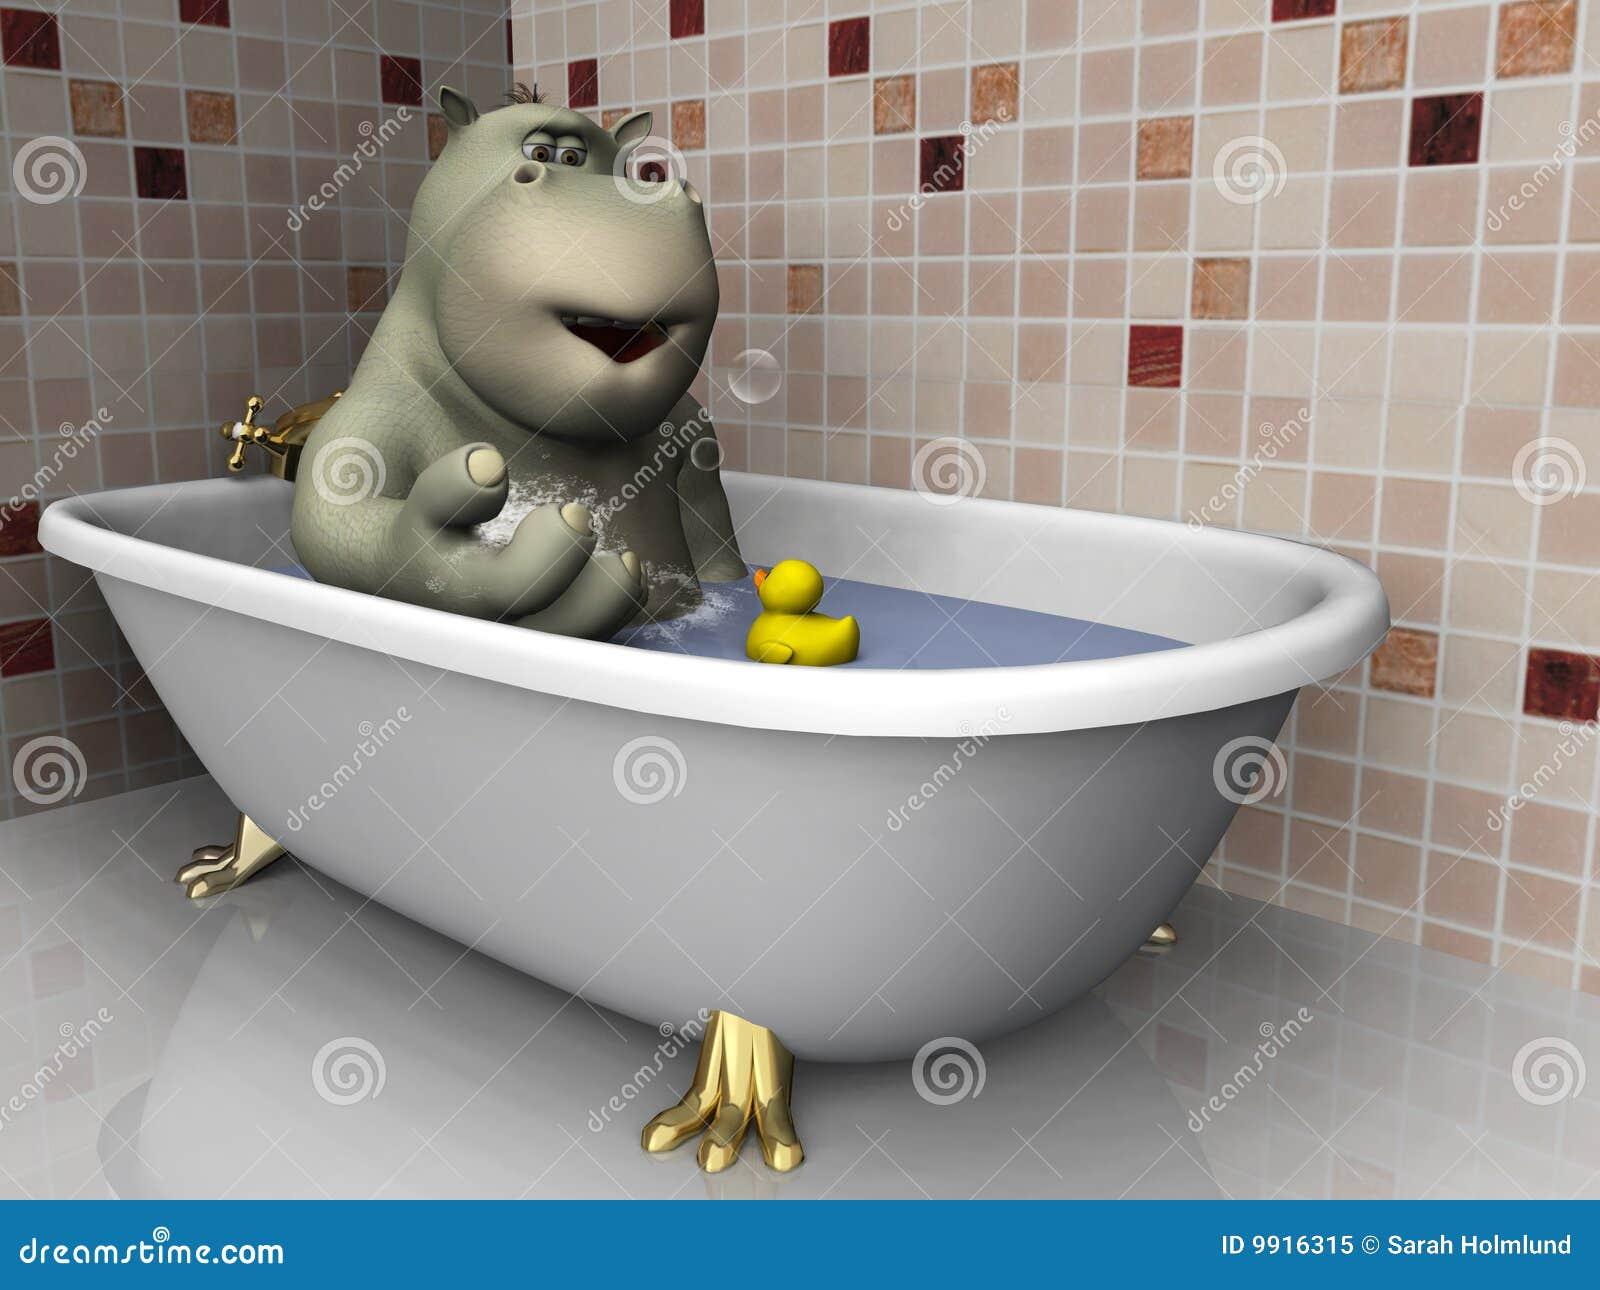 Jeans Vasca Da Bagno : Ippopotamo del fumetto in vasca da bagno. illustrazione di stock